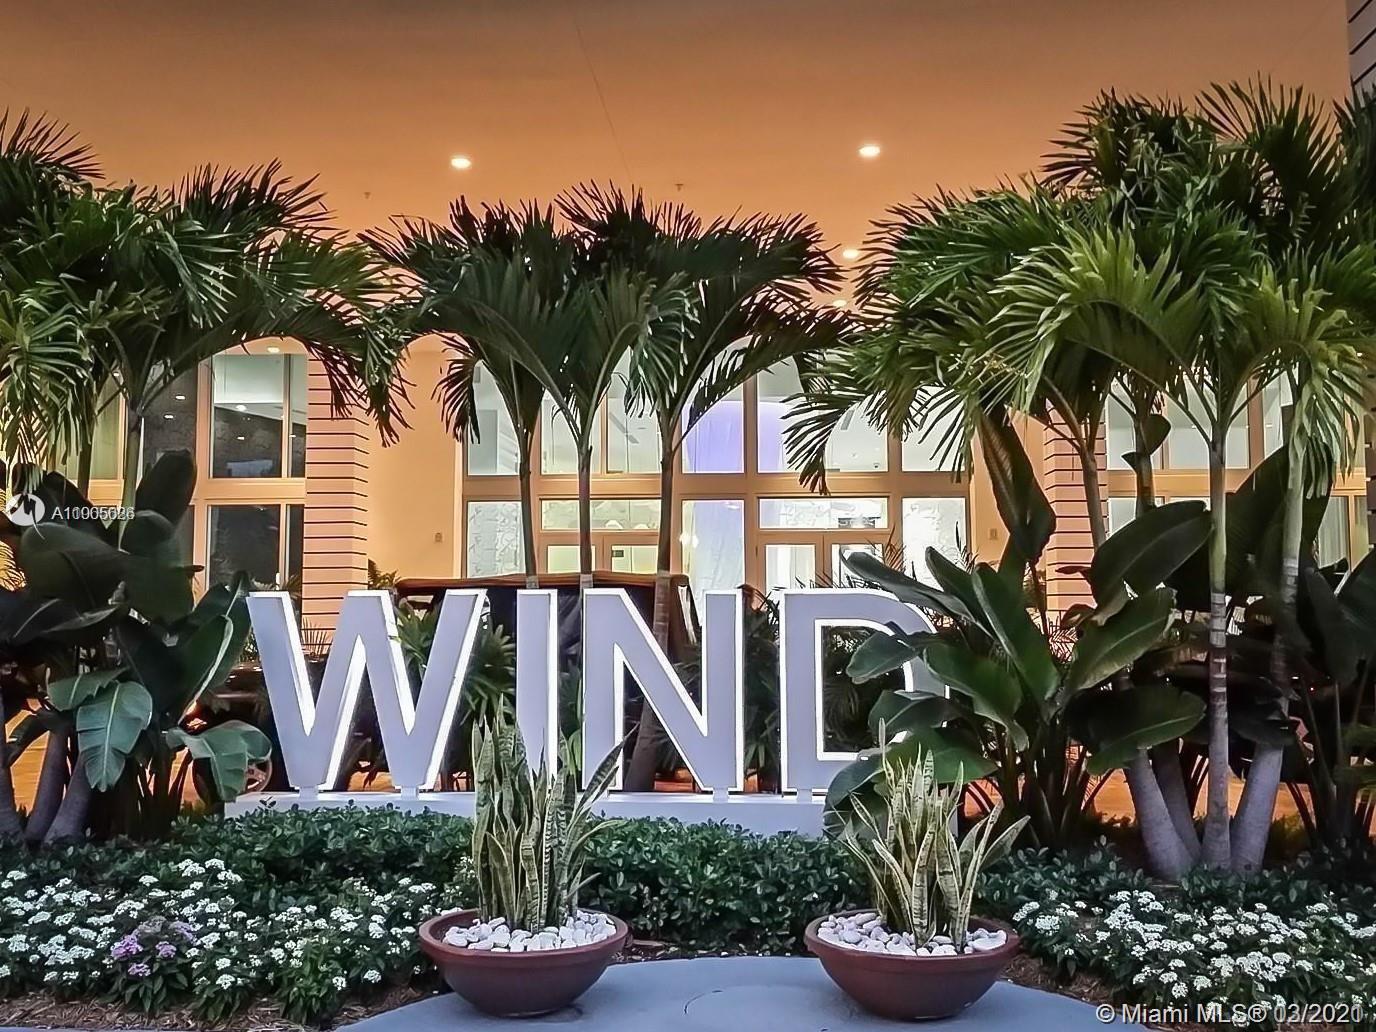 Wind by Neo #2812 - 350 S Miami Ave #2812, Miami, FL 33130